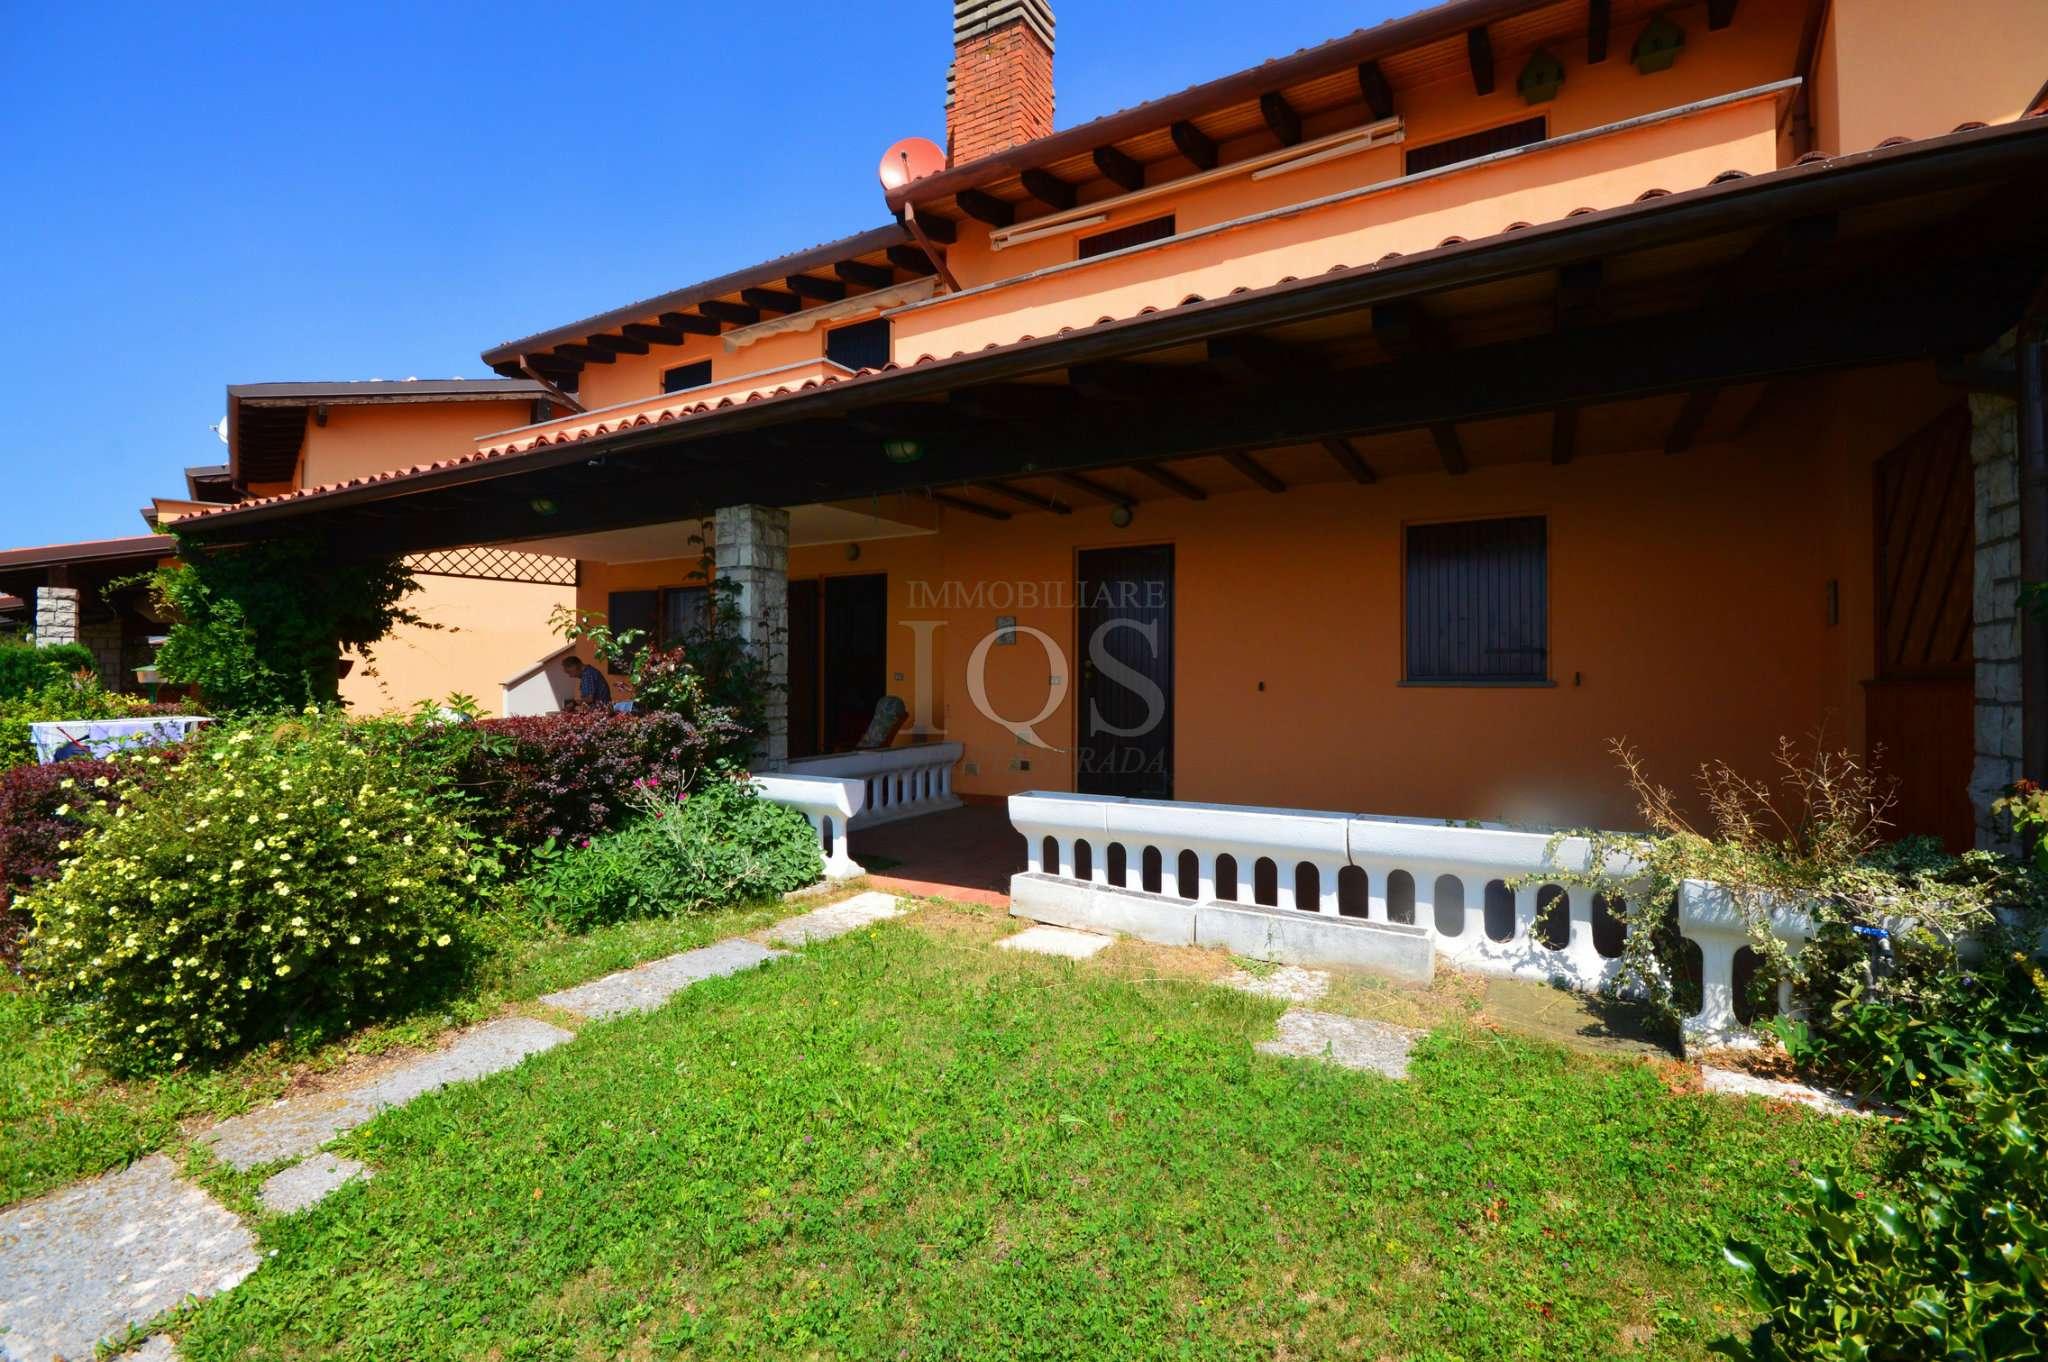 Appartamento in vendita a Grone, 3 locali, prezzo € 45.000 | PortaleAgenzieImmobiliari.it